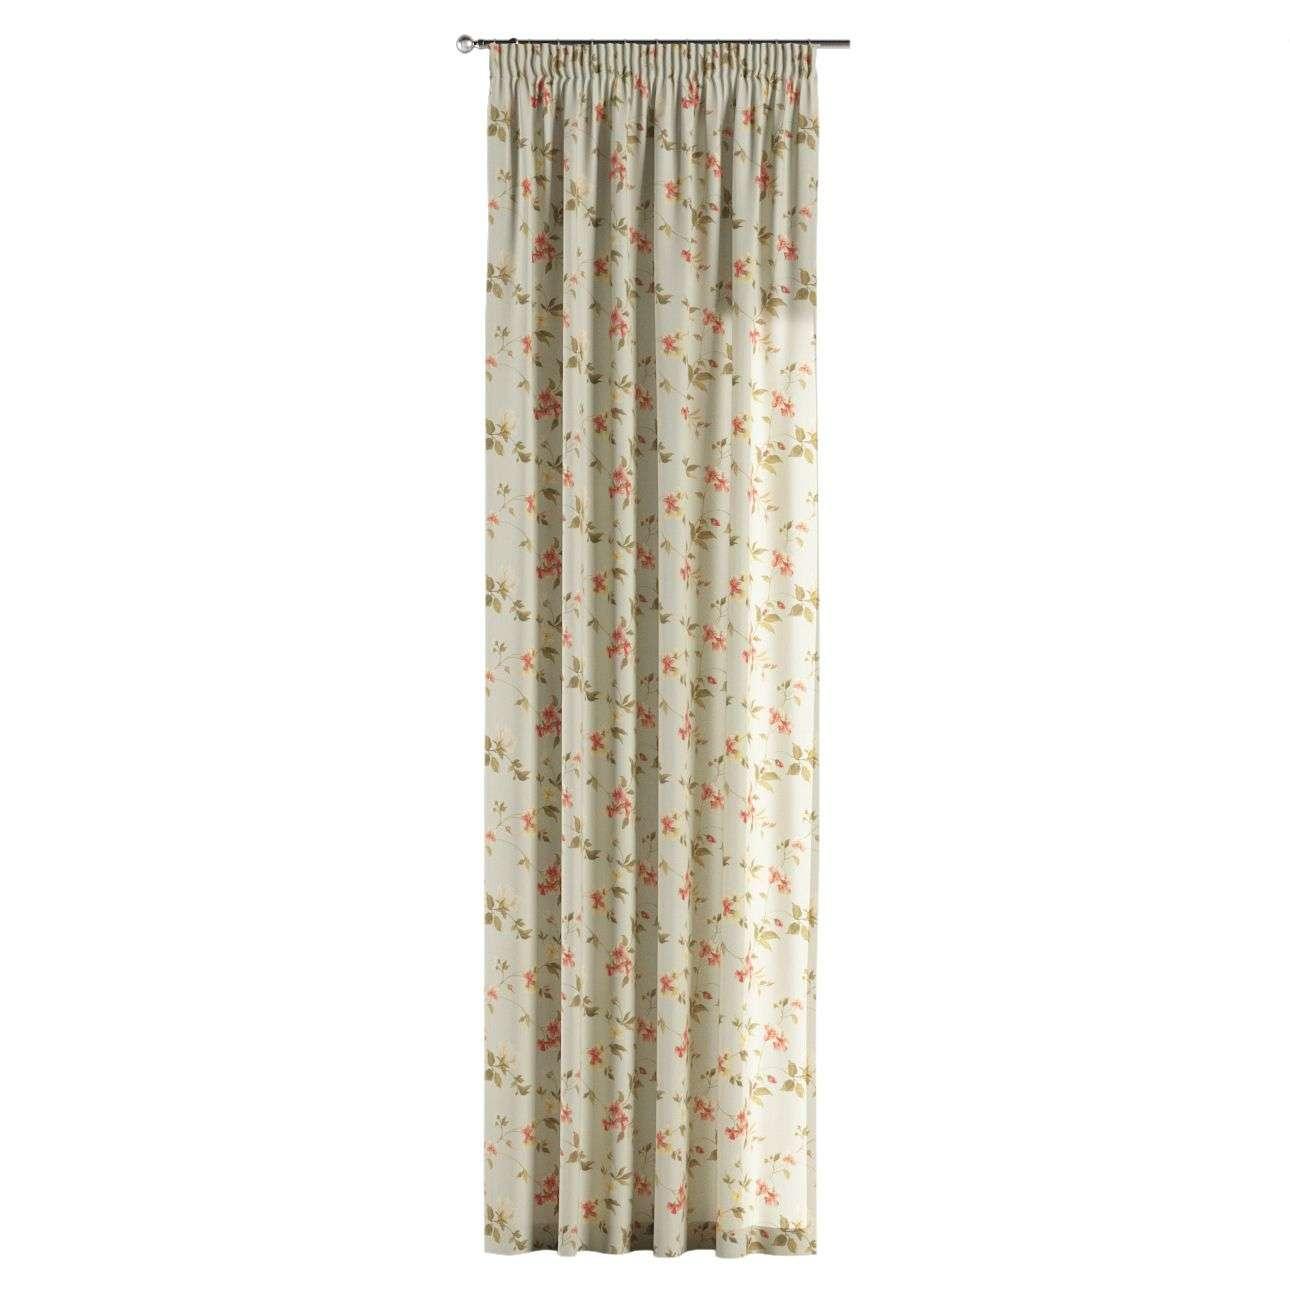 Záves na riasiacej páske 130 x 260 cm V kolekcii Londres, tkanina: 124-65